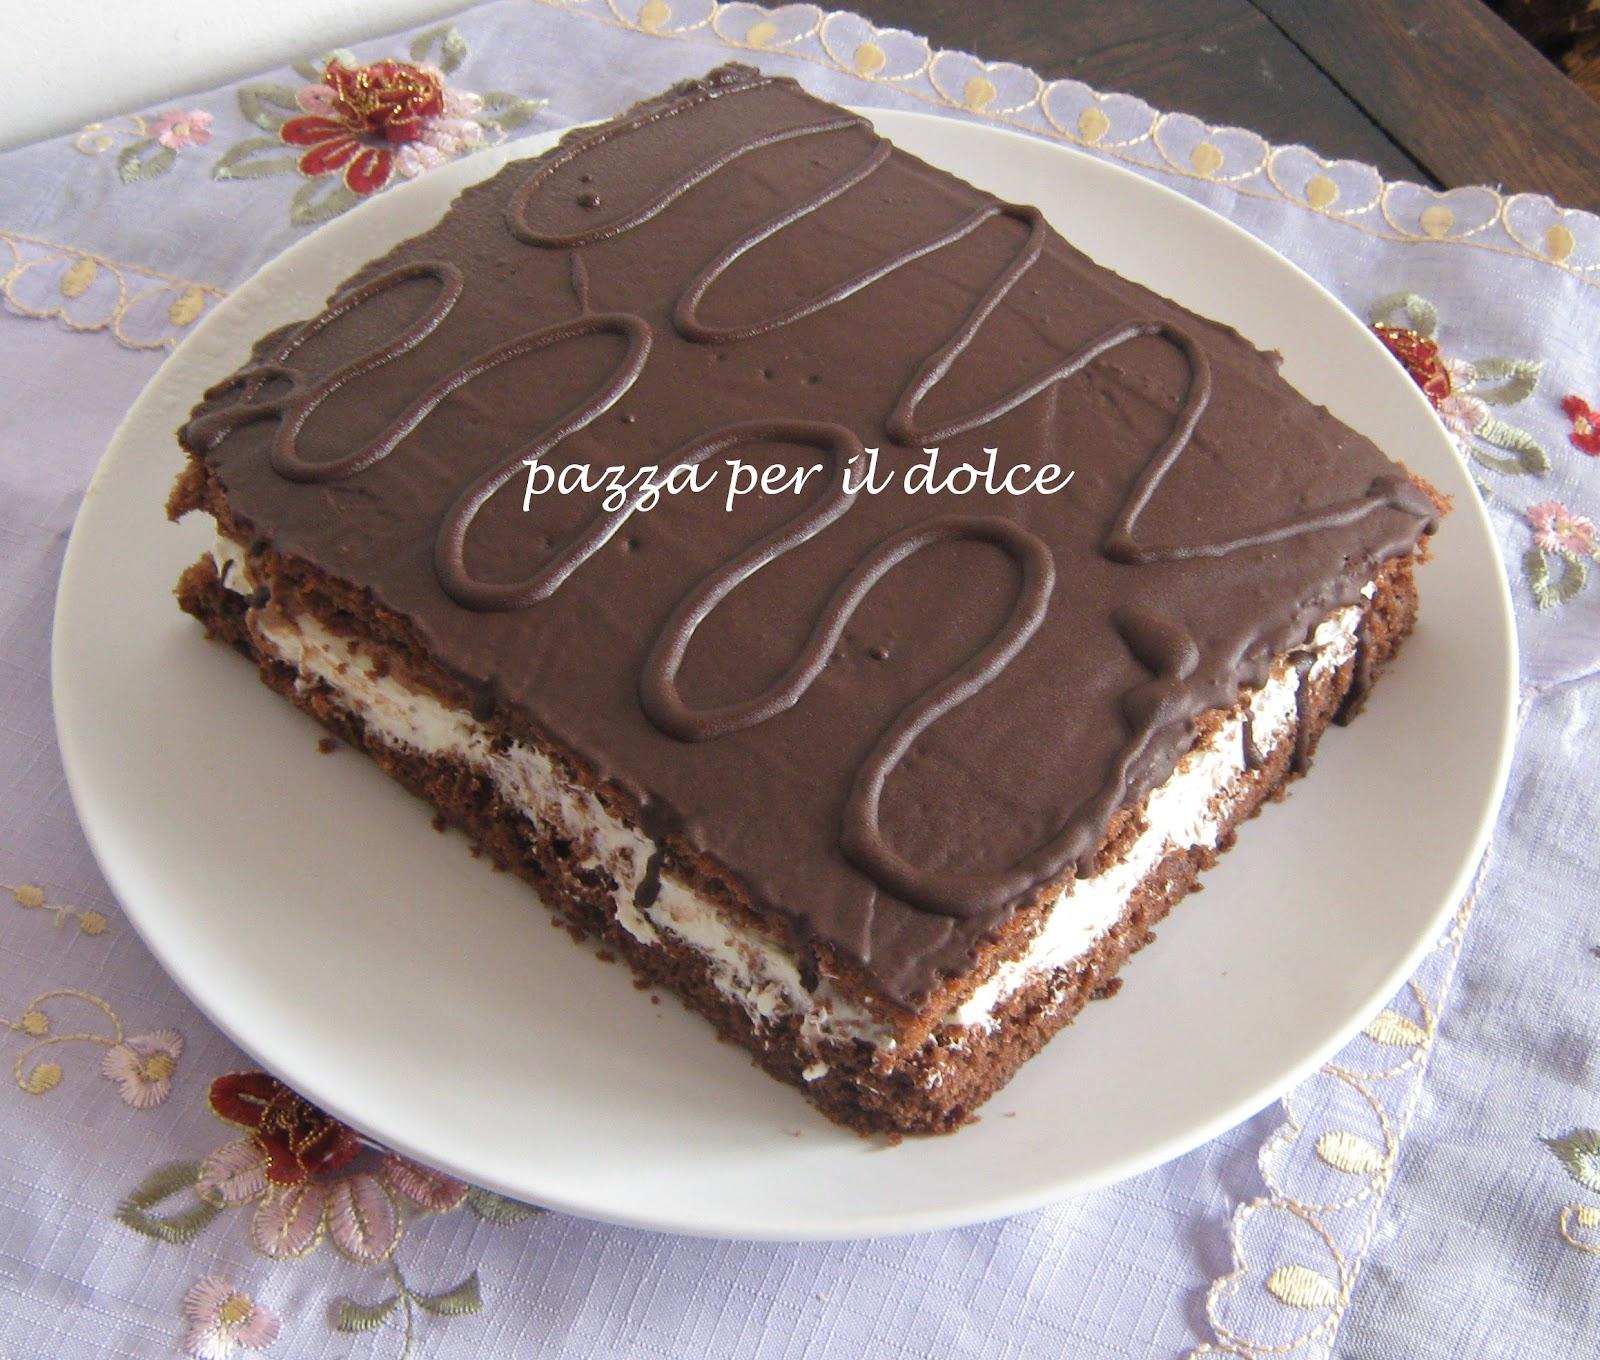 Top pazza per il dolce: MAXI TORTA KINDER (DELICE ?) YD08